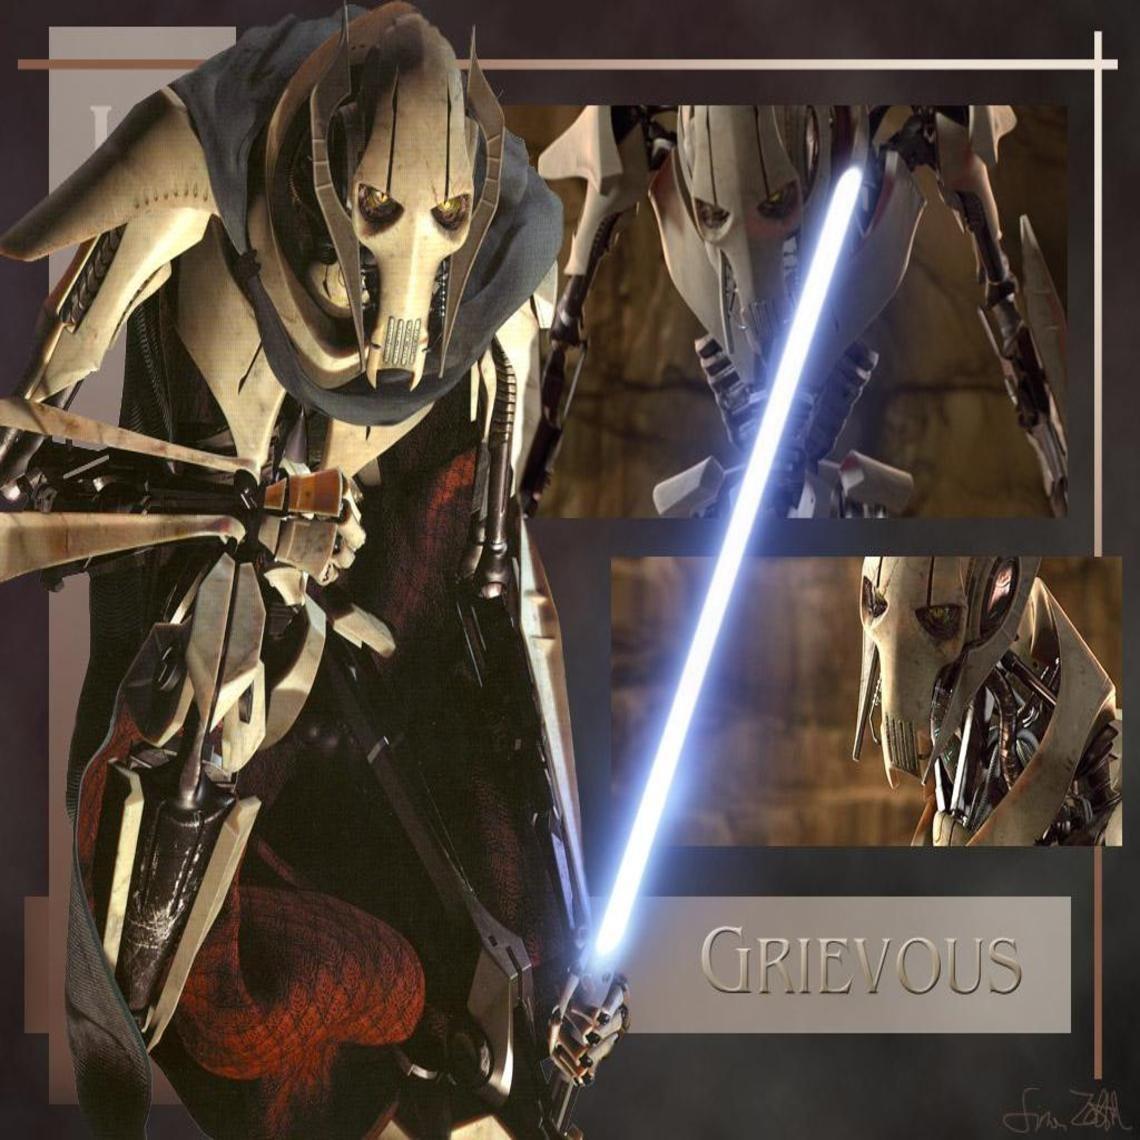 General Grievous Wallpaper: Star War 3, Star Wars, Stars